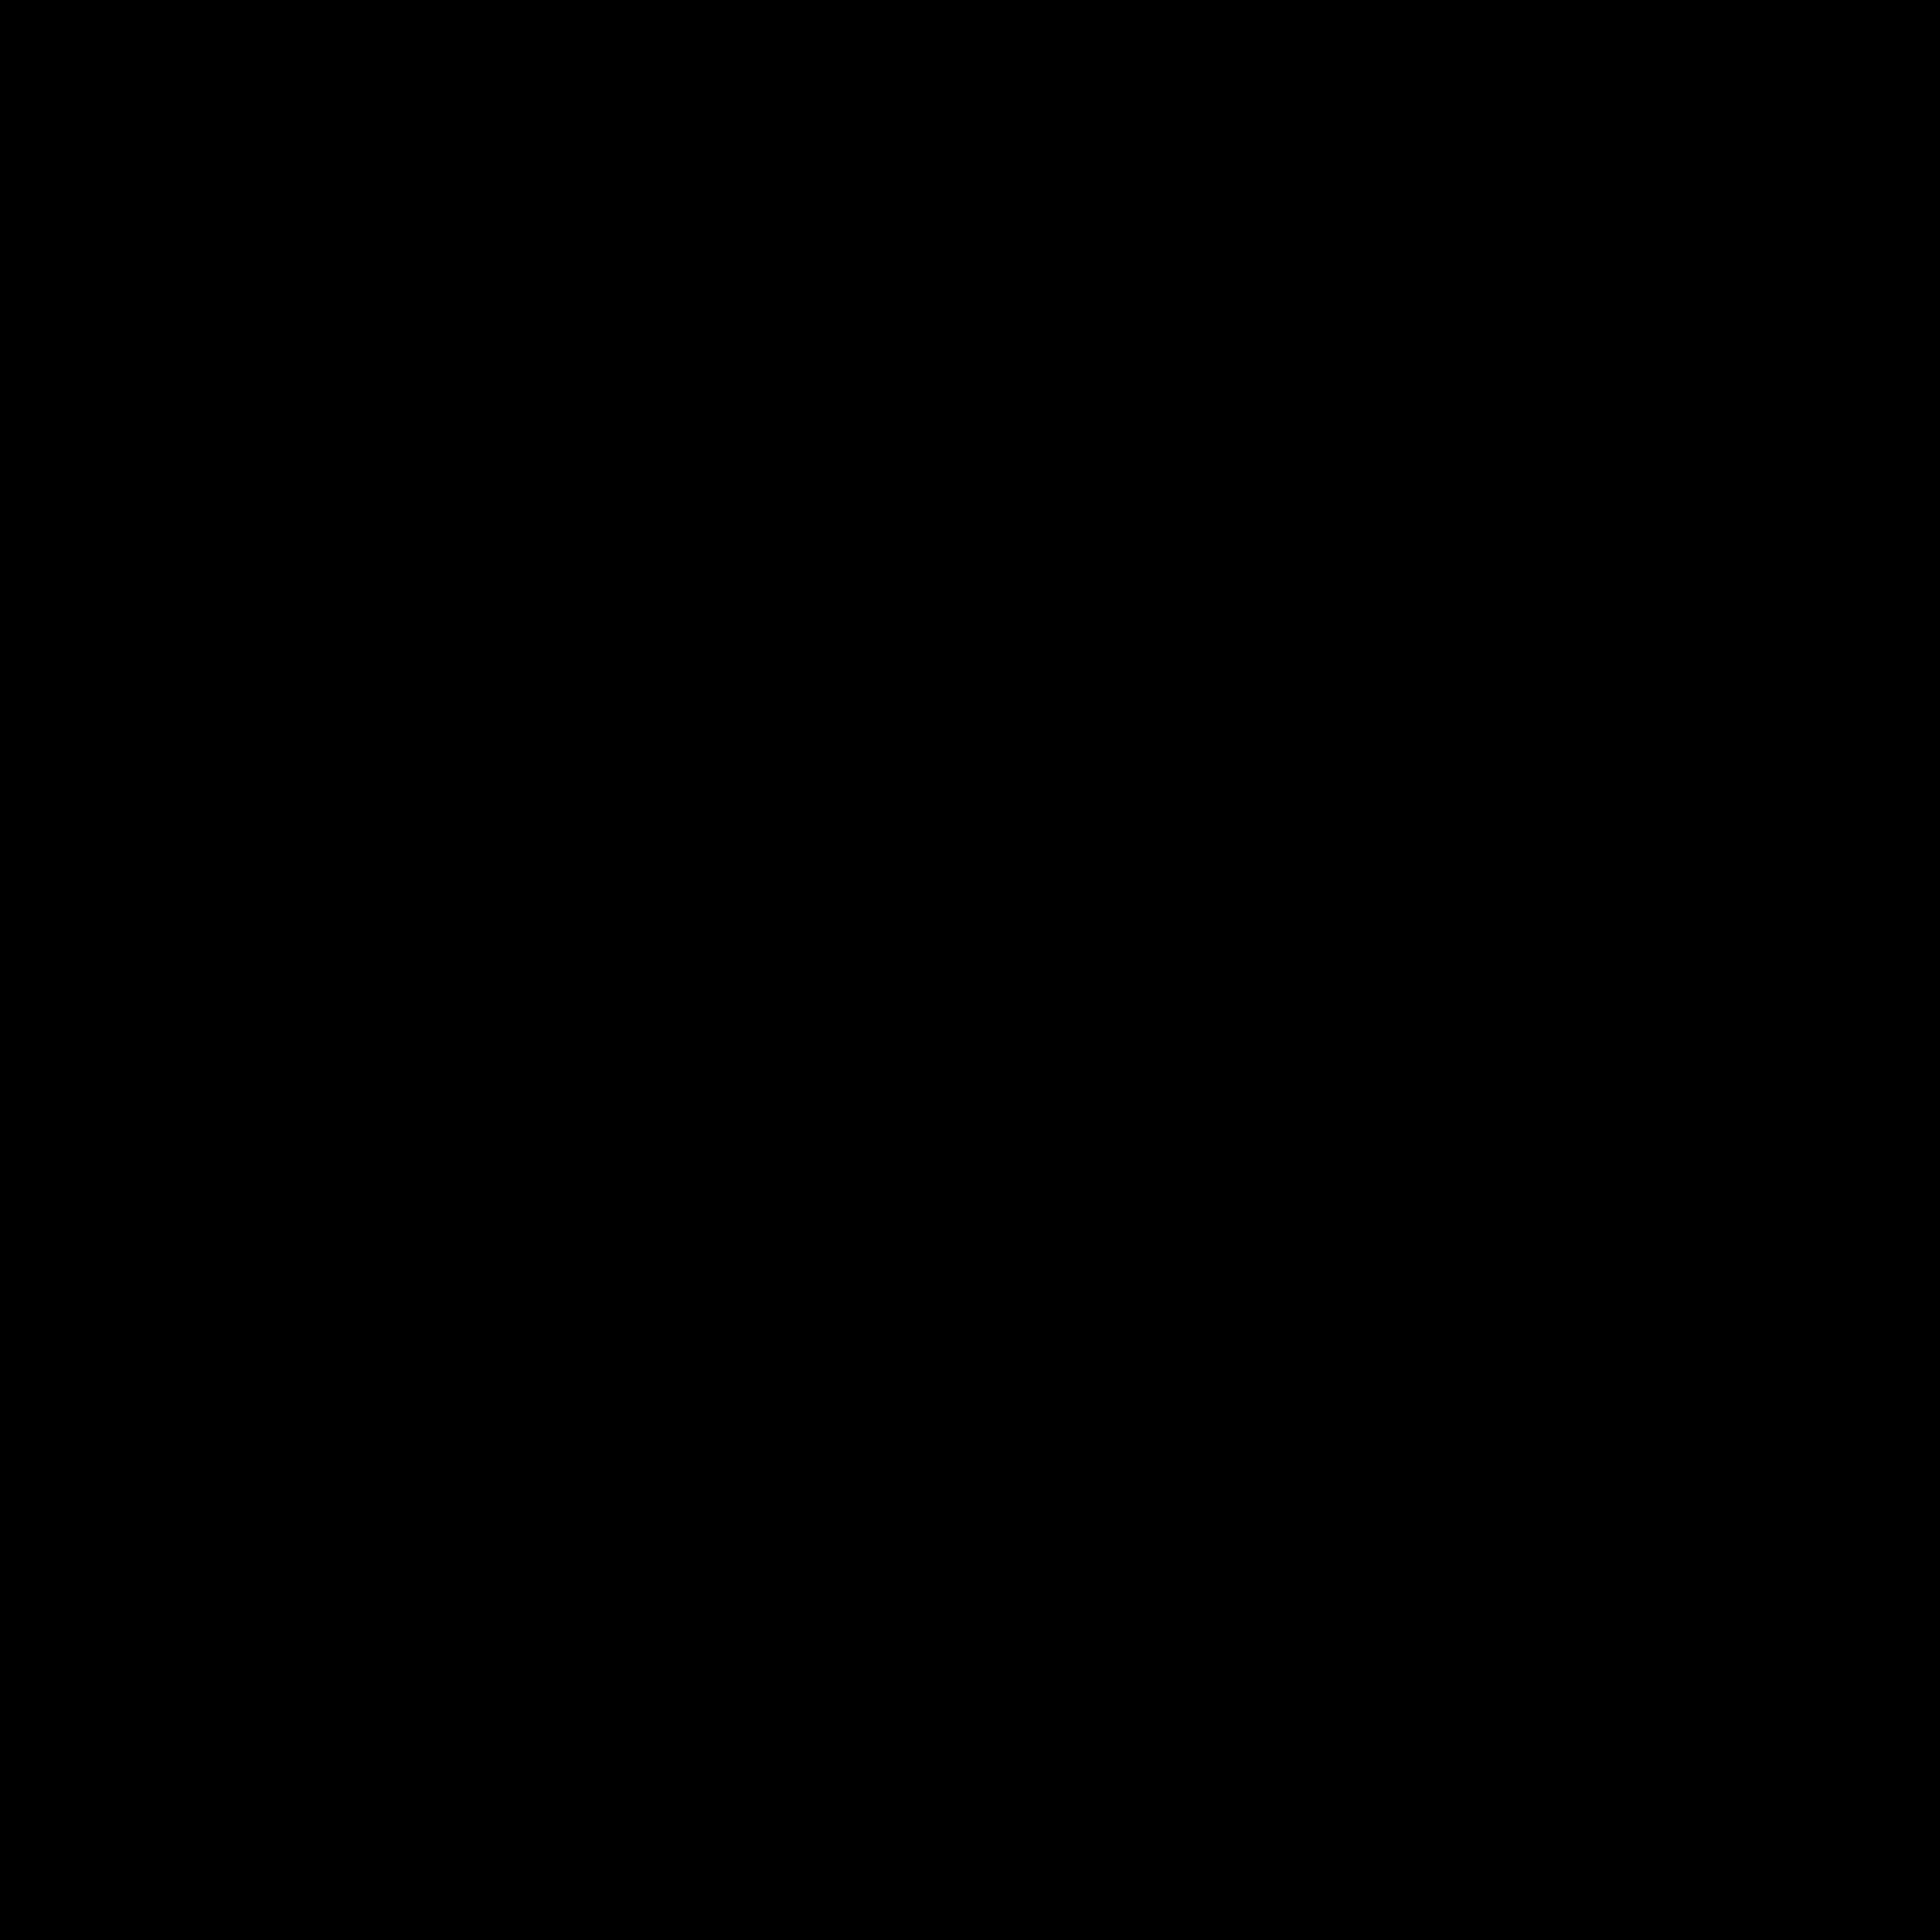 Pontiac Racing Logo PNG Transparent & SVG Vector.